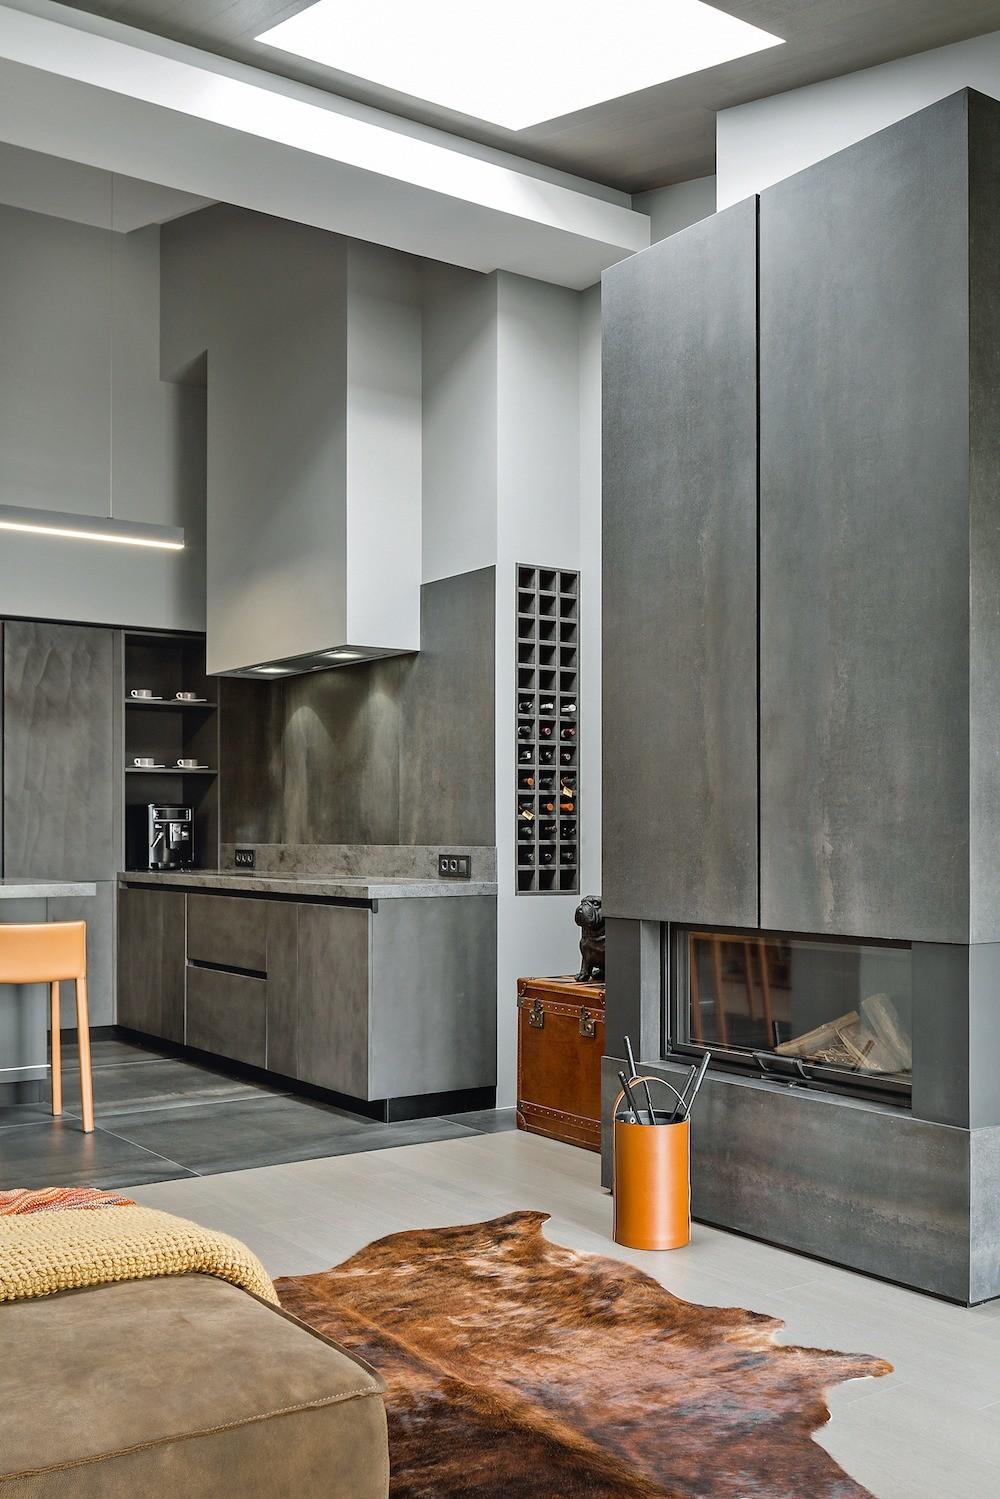 Высокий (0,15 м) цоколь кухонных модулей позволил оборудовать внём места для хранения.  Камин облицевали крупноформатными керамогранитными плитами.